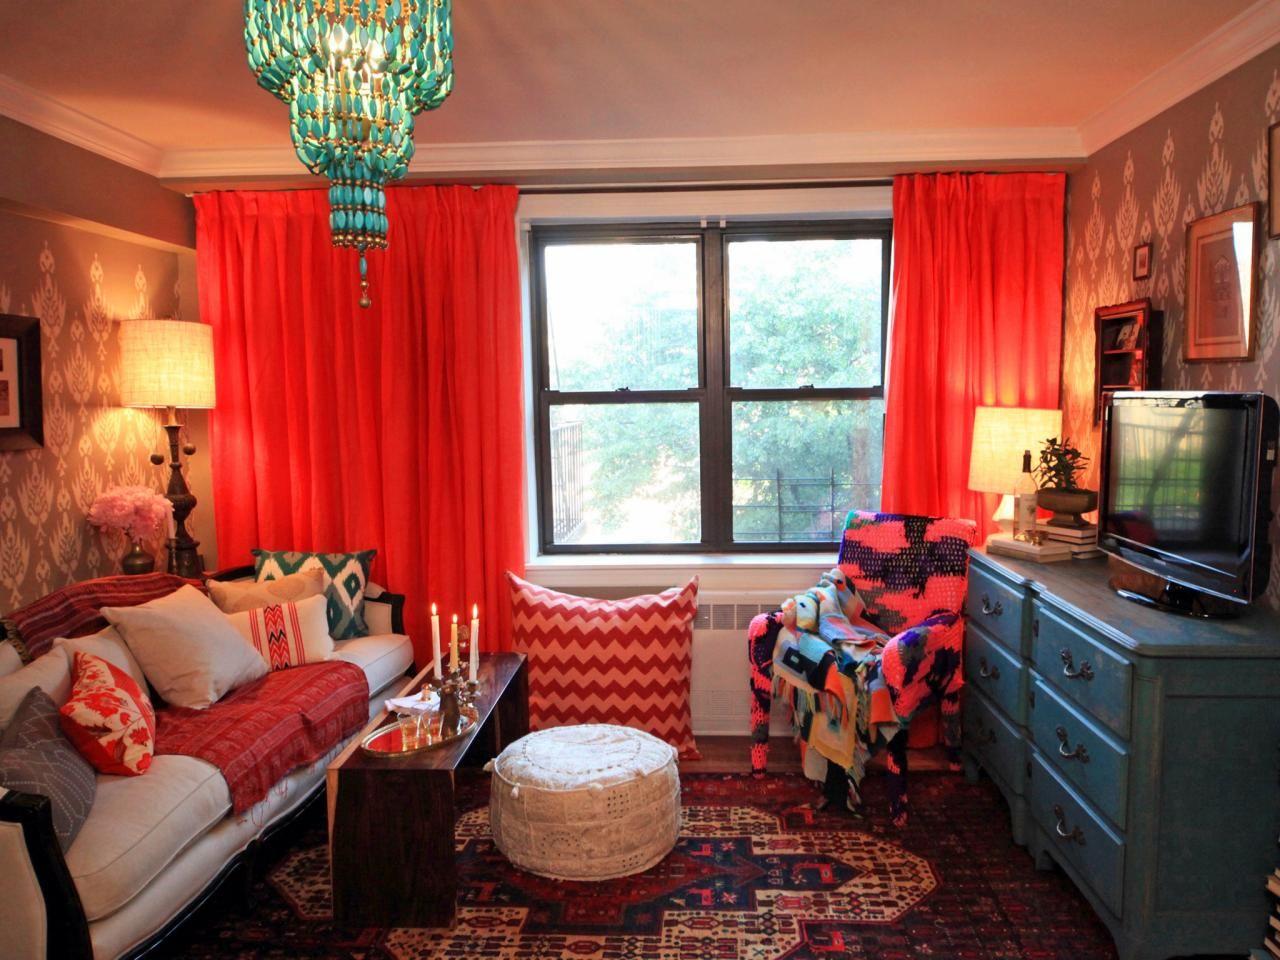 Genevieve Gorder\'s Best Designs   Turquoise chandelier, Genevieve ...